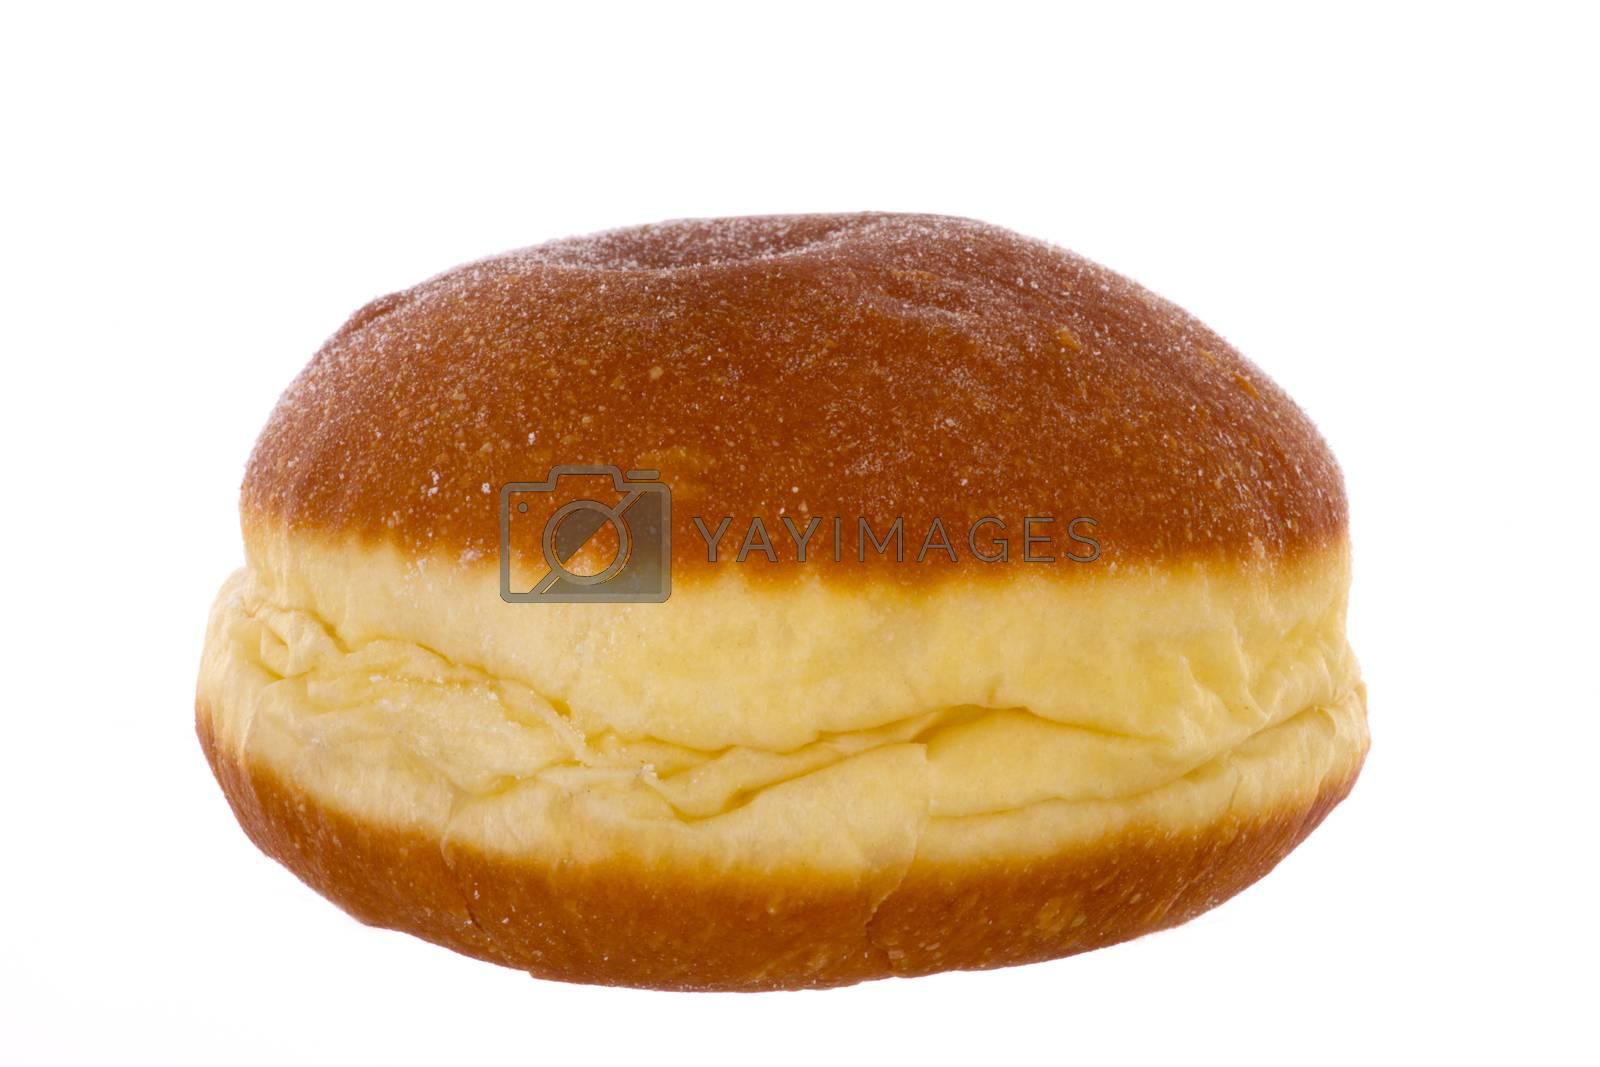 Krapfen Berliner Pfannkuchen Bismarck Donut by gwolters